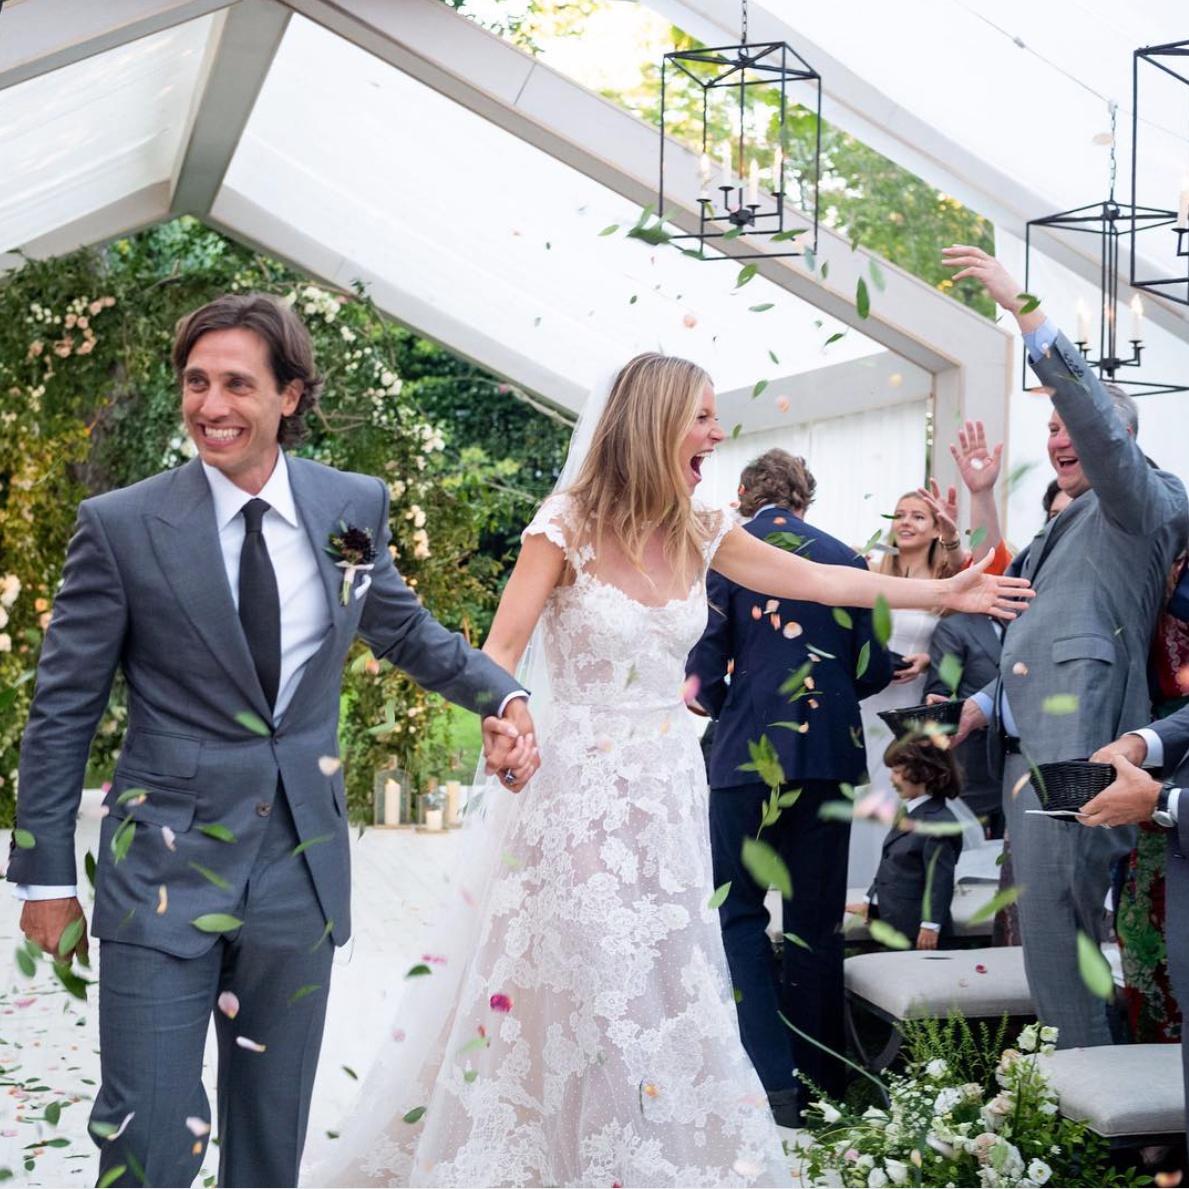 9月27日、グウィネス・パルトロウ(46)がブラッド・ファルチャック(47)とハンプトンの自宅で結婚式を挙げた。実は、前夫クリス・マーティン(41)とは駆け落ち同然で挙式しなかったグウィネス。だから初めての結婚準備はウキウキで「21歳の気分」だったそう!